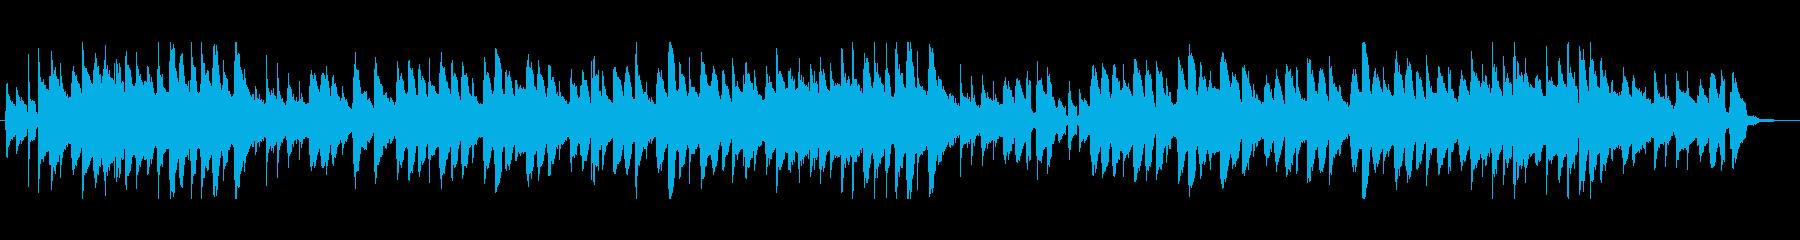 森のくまさん アコースティックギターの再生済みの波形